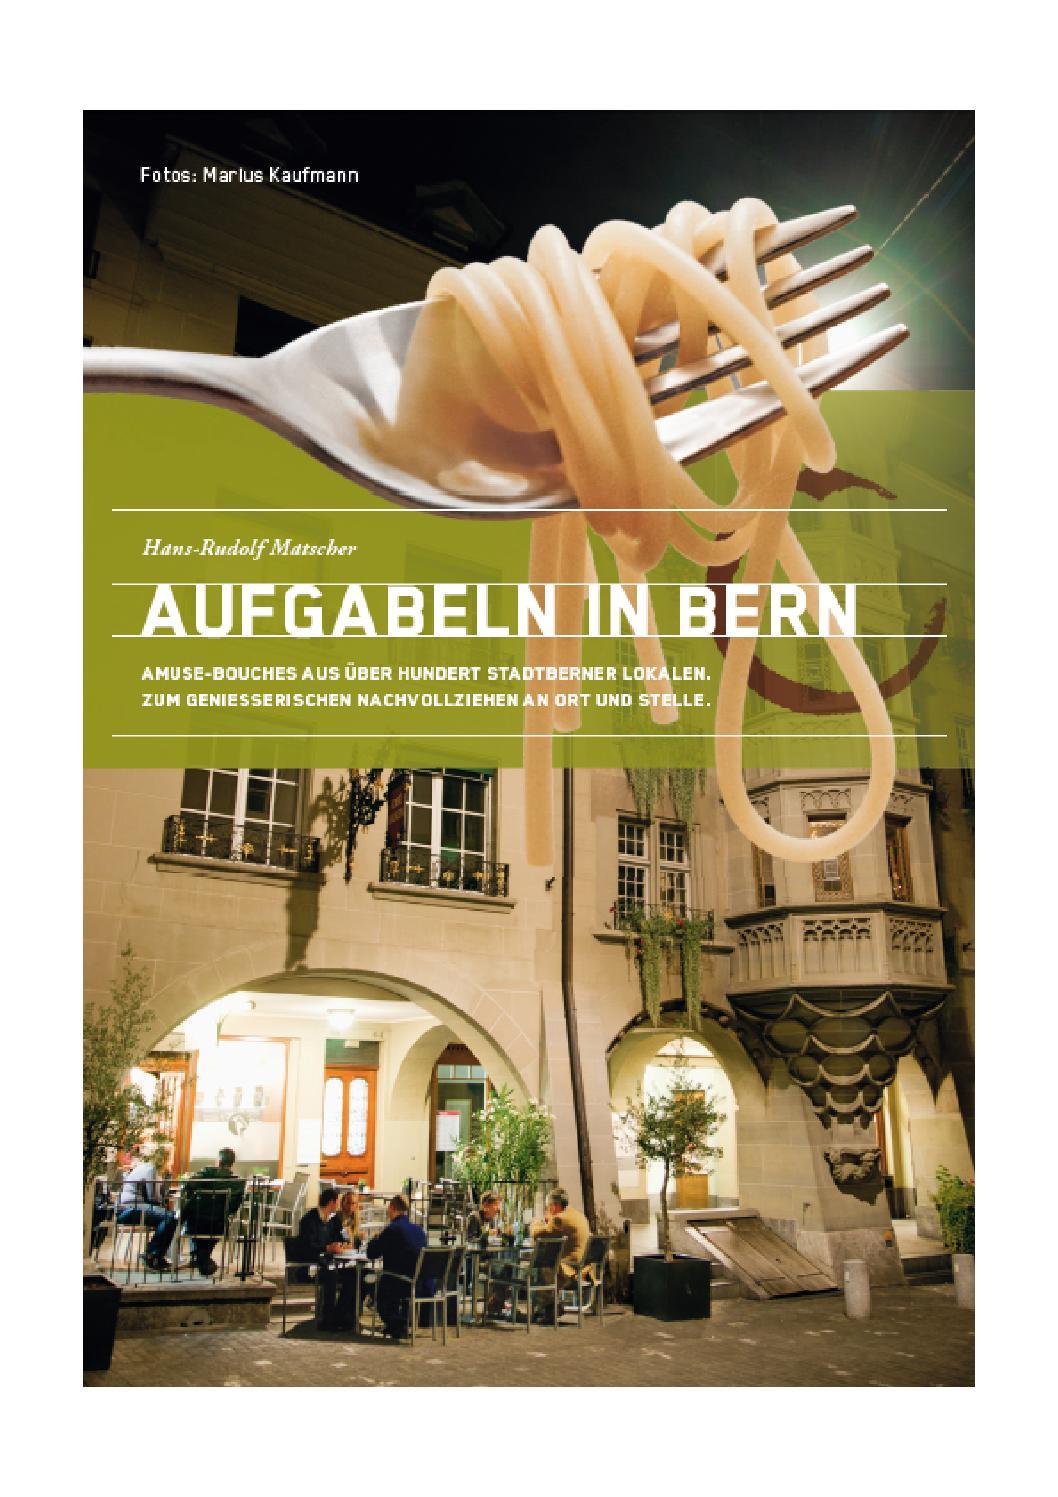 AUFGABELN IN BERN